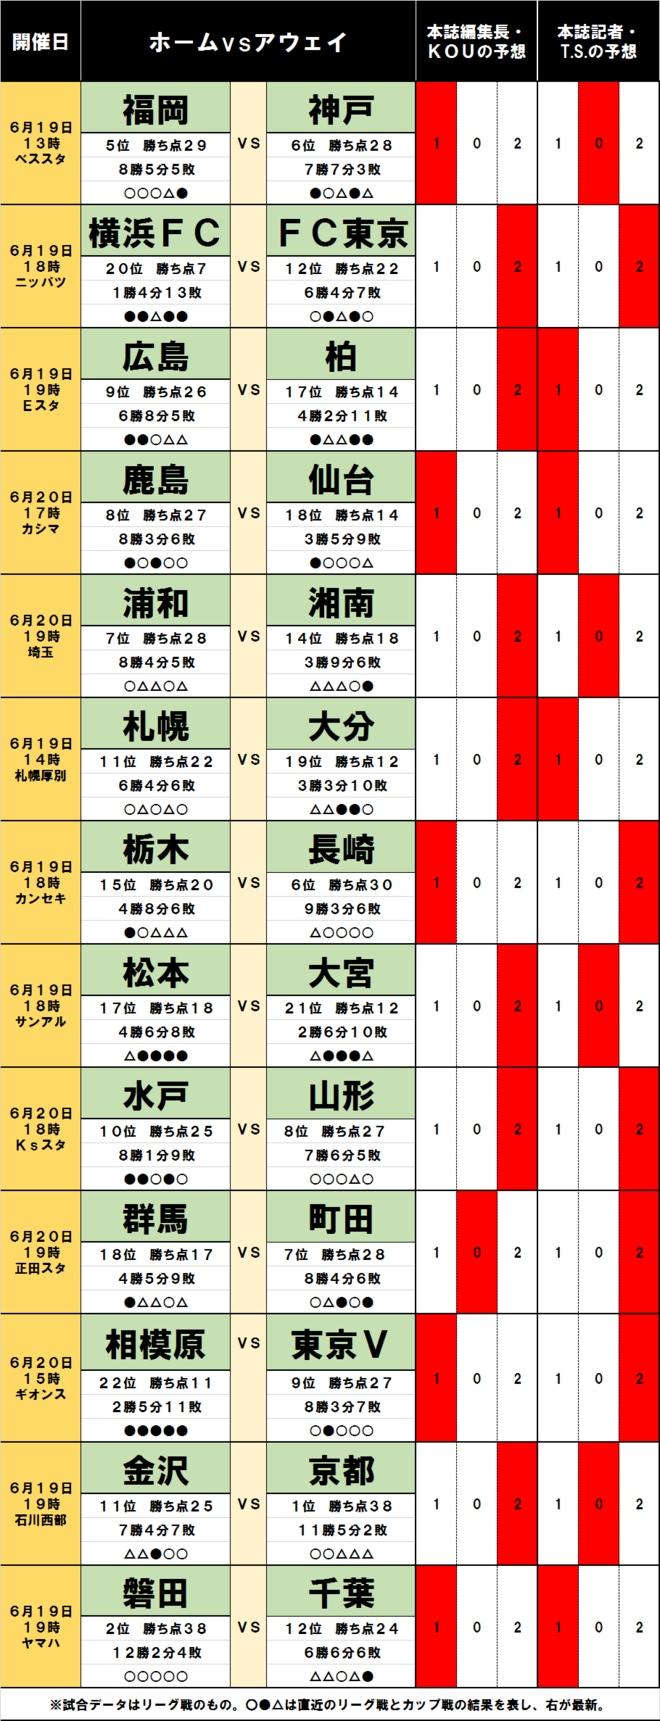 「サッカー批評のtoto予想」(第1245回)6月19・20日 アンデルソン・ロペス離脱の衝撃「最北端」札幌と「最南端」大分の対決の鍵は!?の画像001